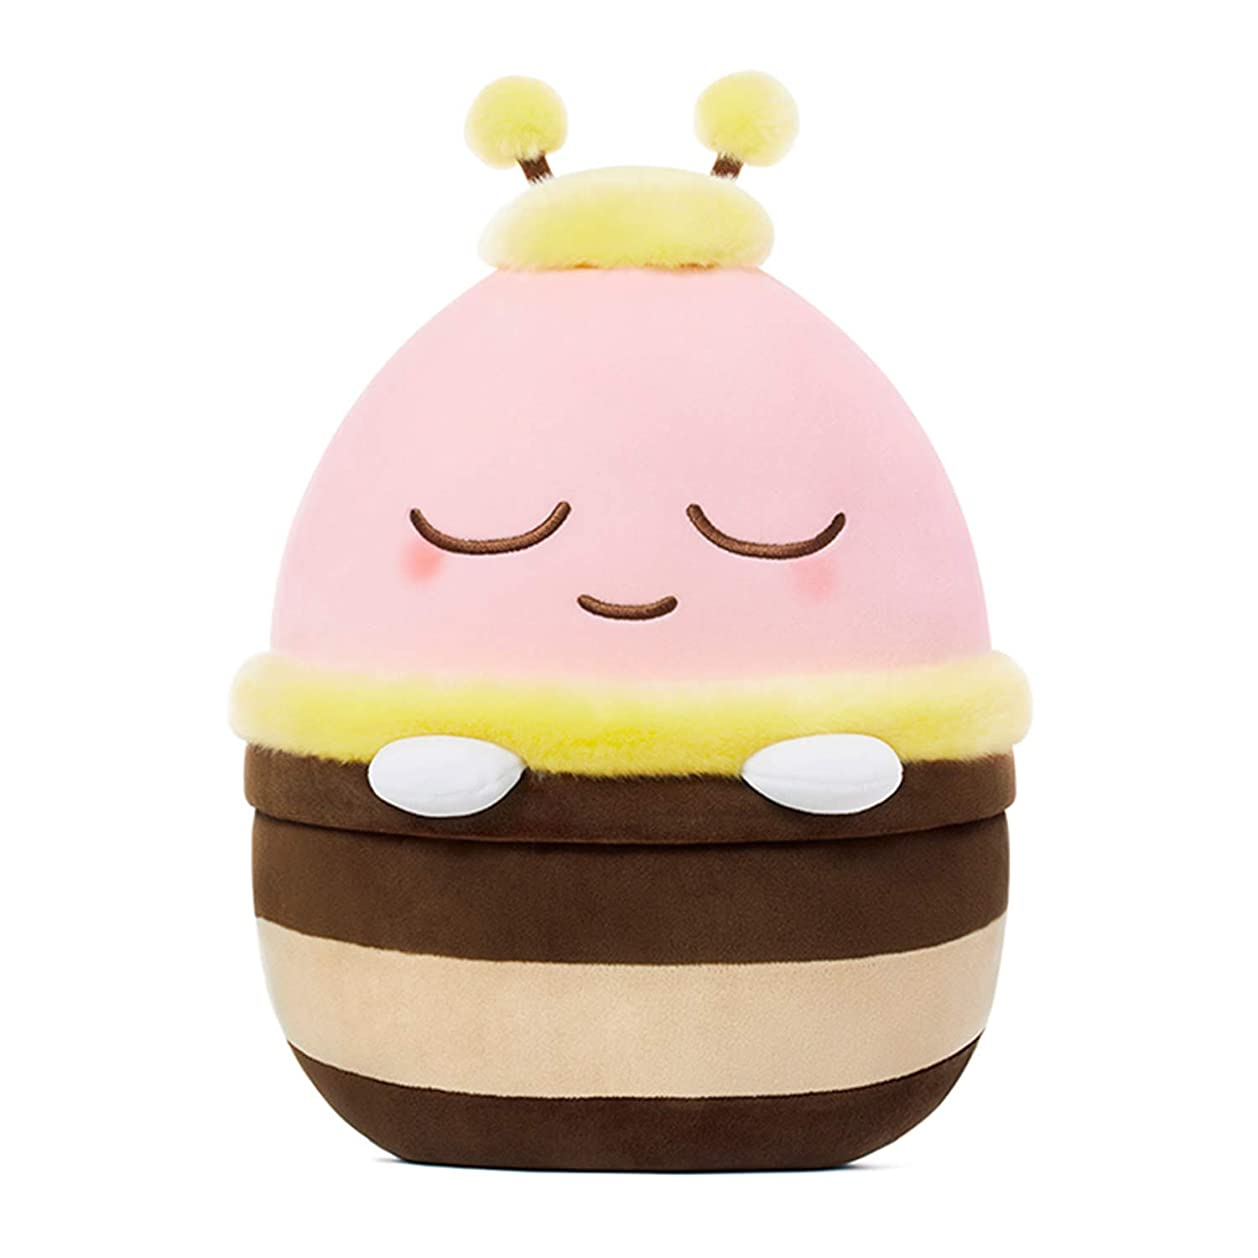 誓い何でも汚い[オフィシャル] カカオフレンズ - ハニーフレンズ ふわふわクッション KAKAO FRIENDS - Honey Friends Mochi Cushion (Apeach)